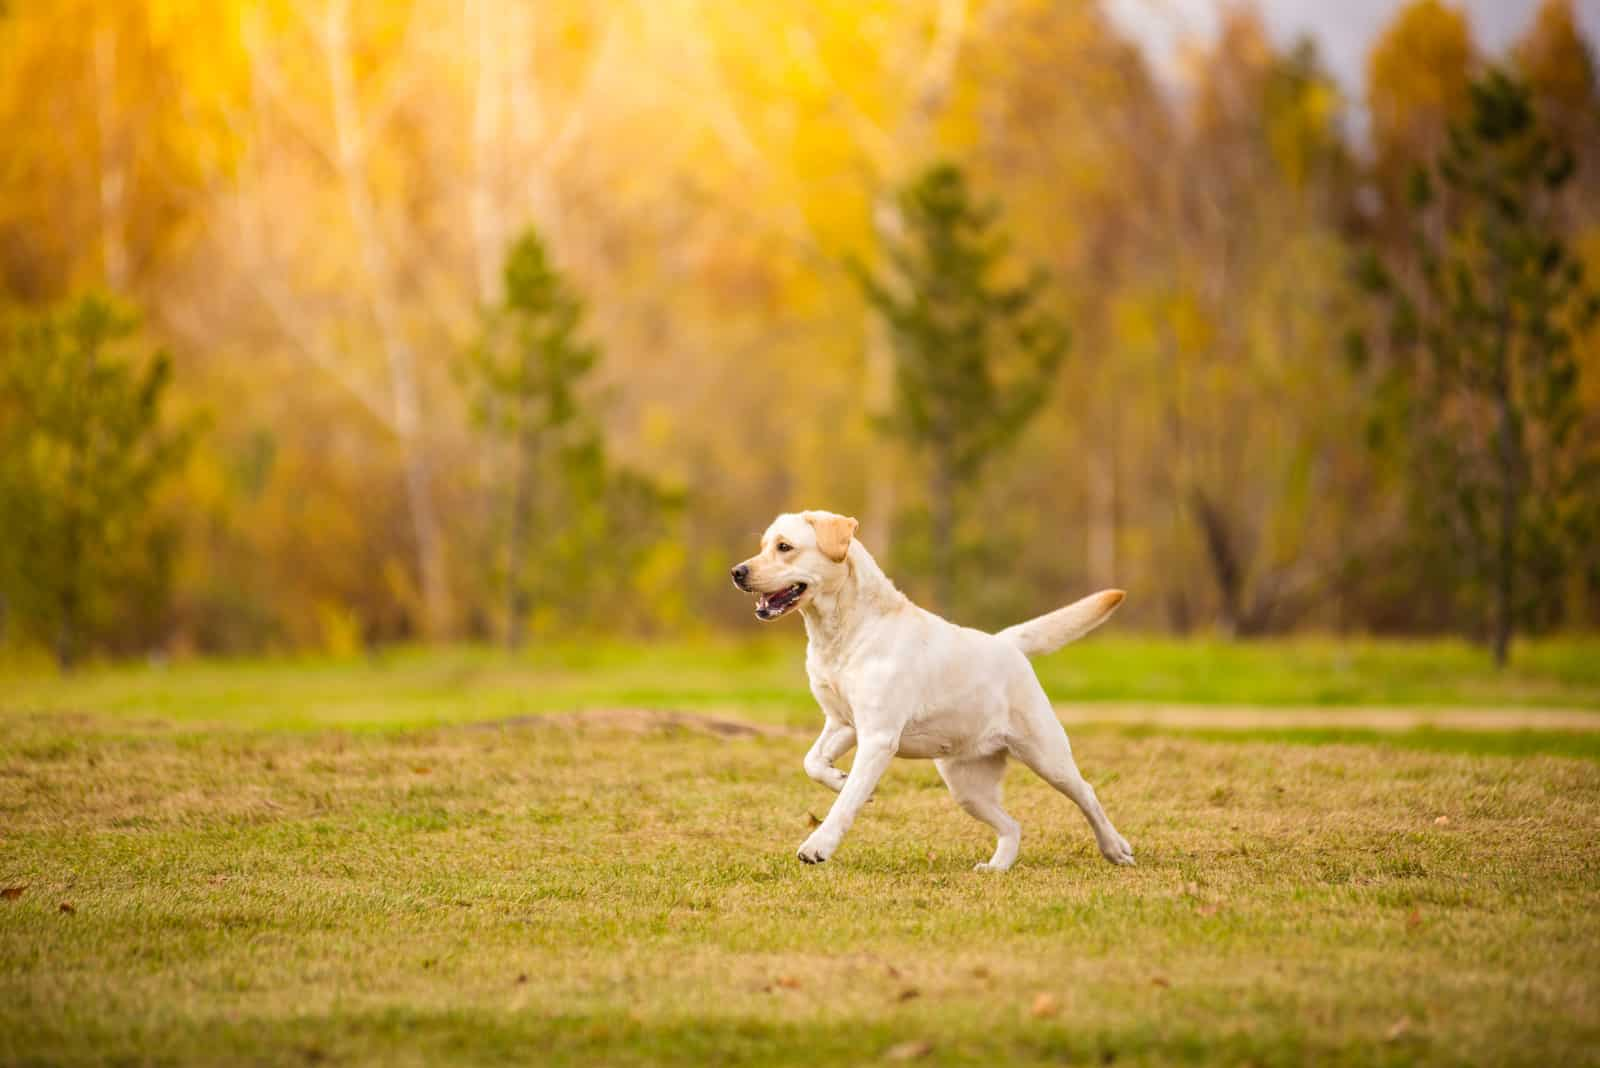 Der Labrador läuft über die Wiese